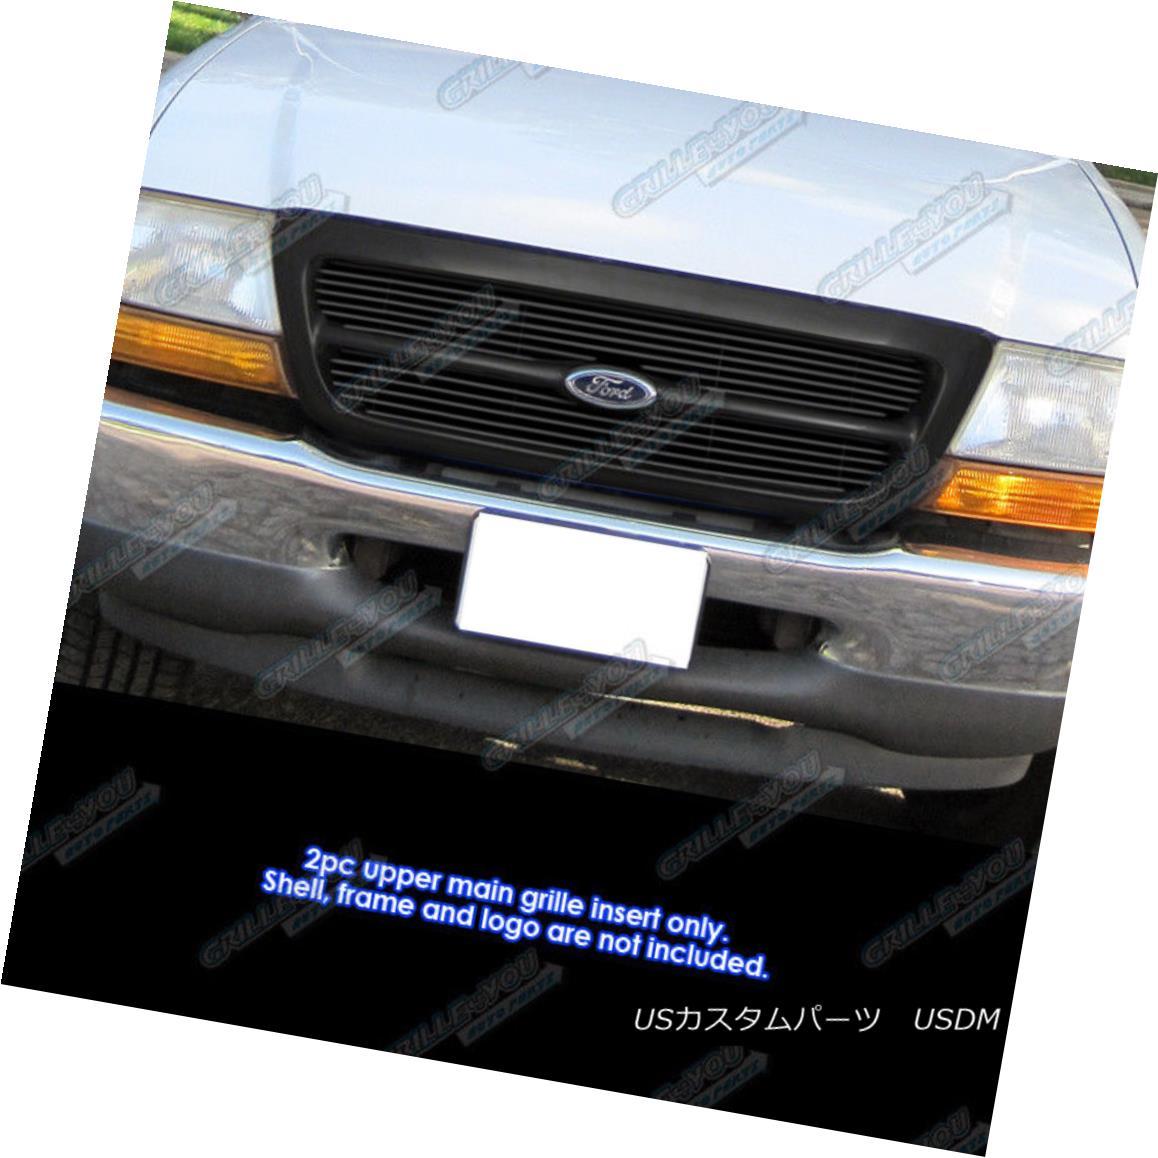 グリル Fits 1998-2000 Ford Ranger Black Biller Grille Grill Insert for 2WD only フィット1998-2000フォードレンジャーブラックビレットグリルグリル2WDのみの挿入